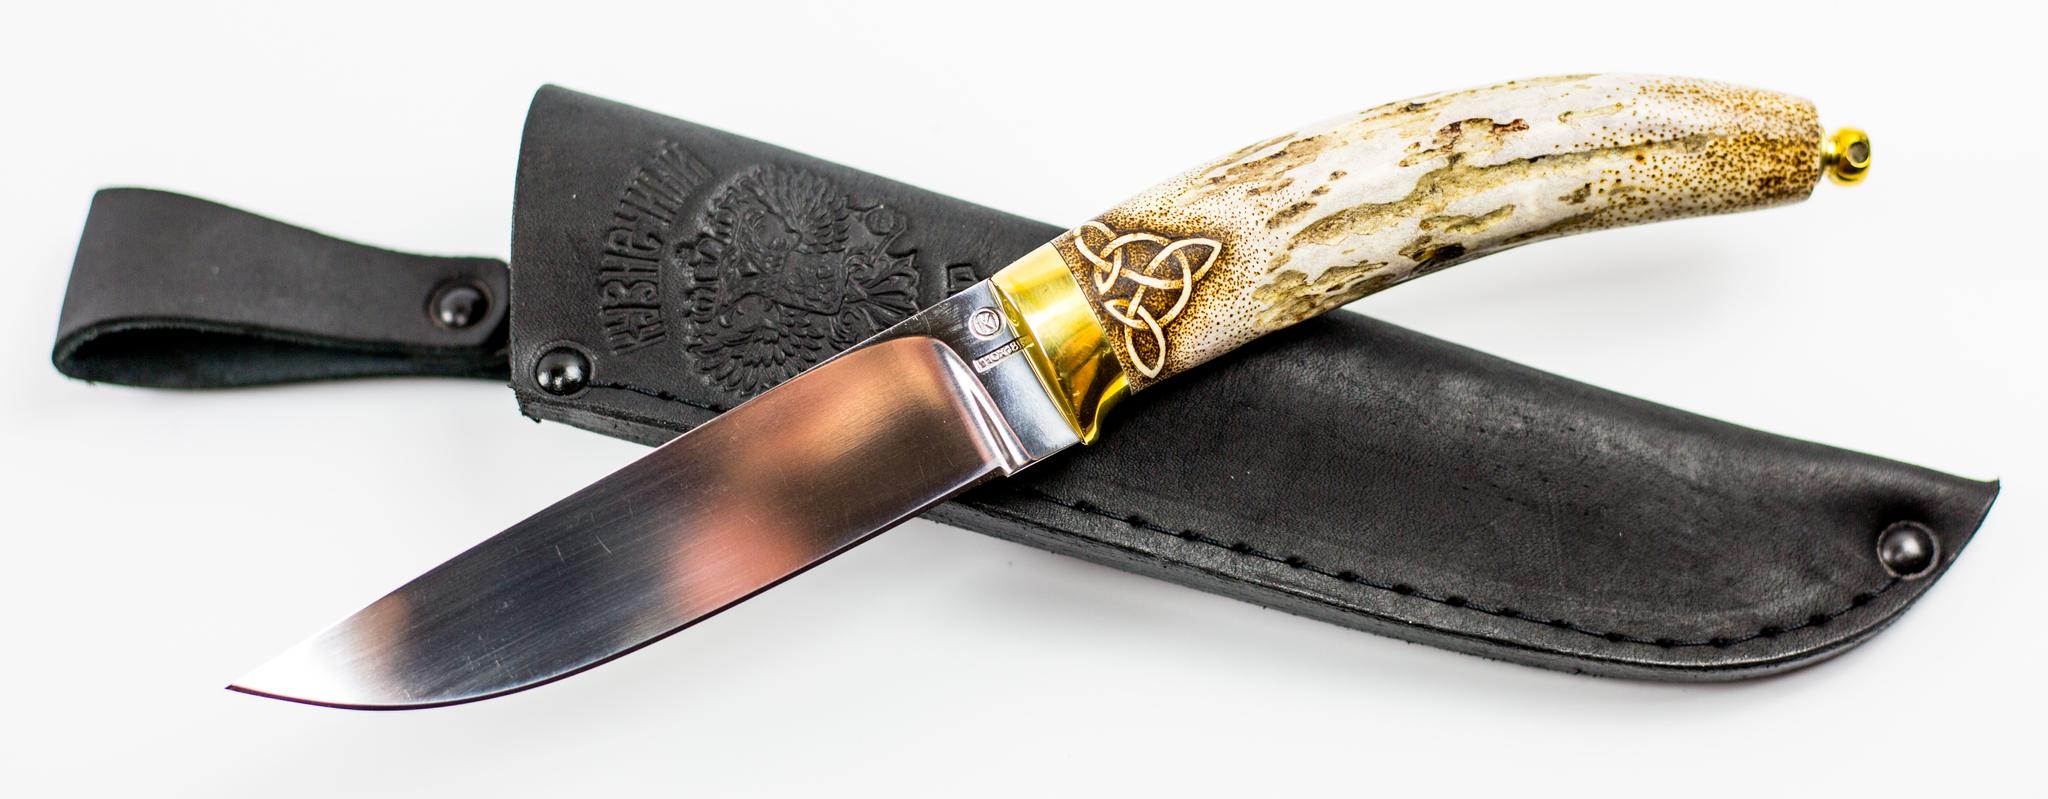 Нож Грибник, сталь 110Х18, рукоять рог